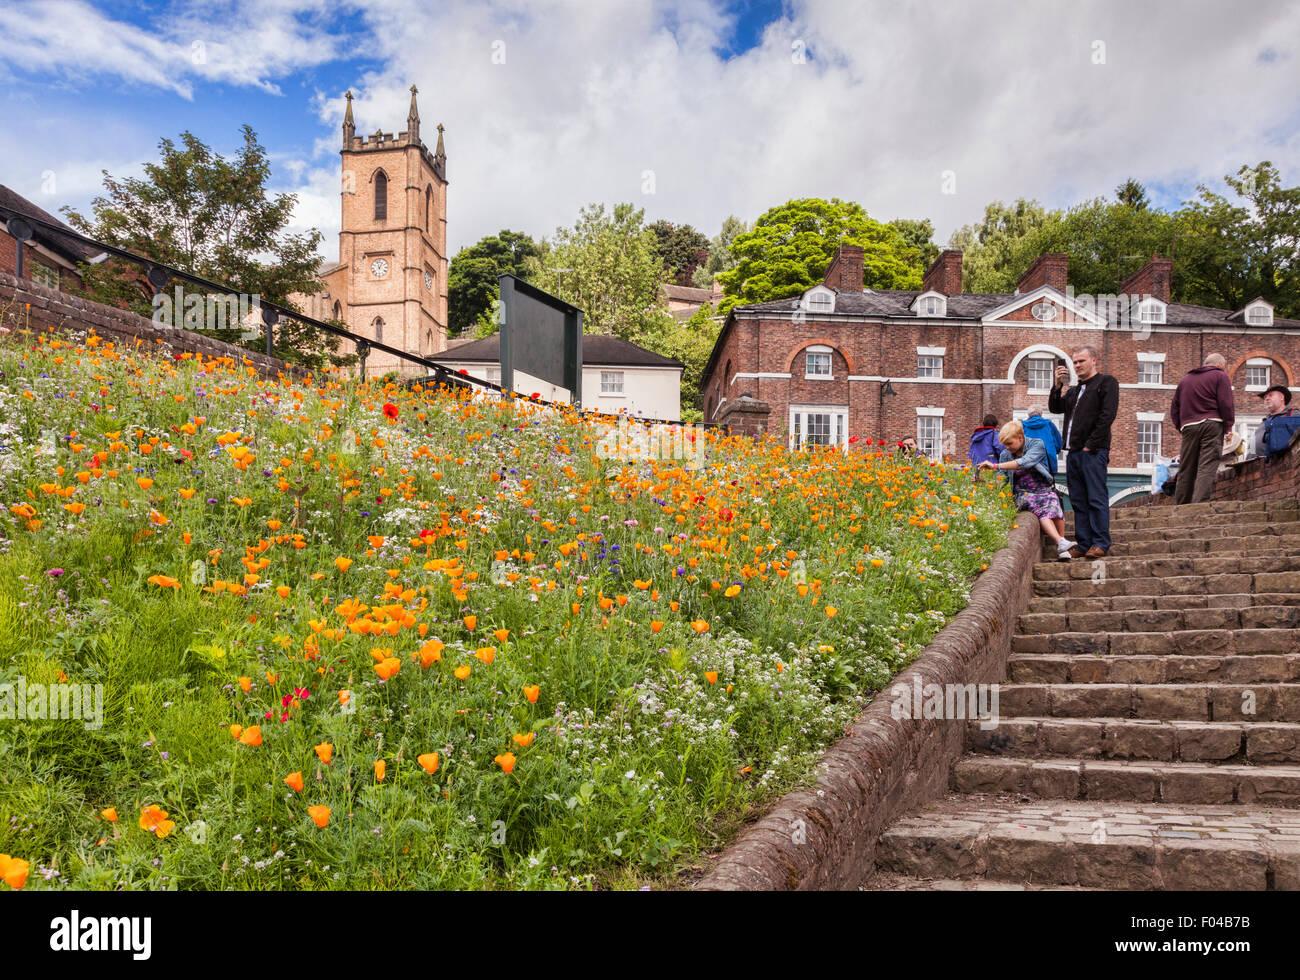 Turisti si riuniscono nei pressi del ponte di ferro nel villaggio di Ironbridge, Shropshire, Inghilterra Immagini Stock